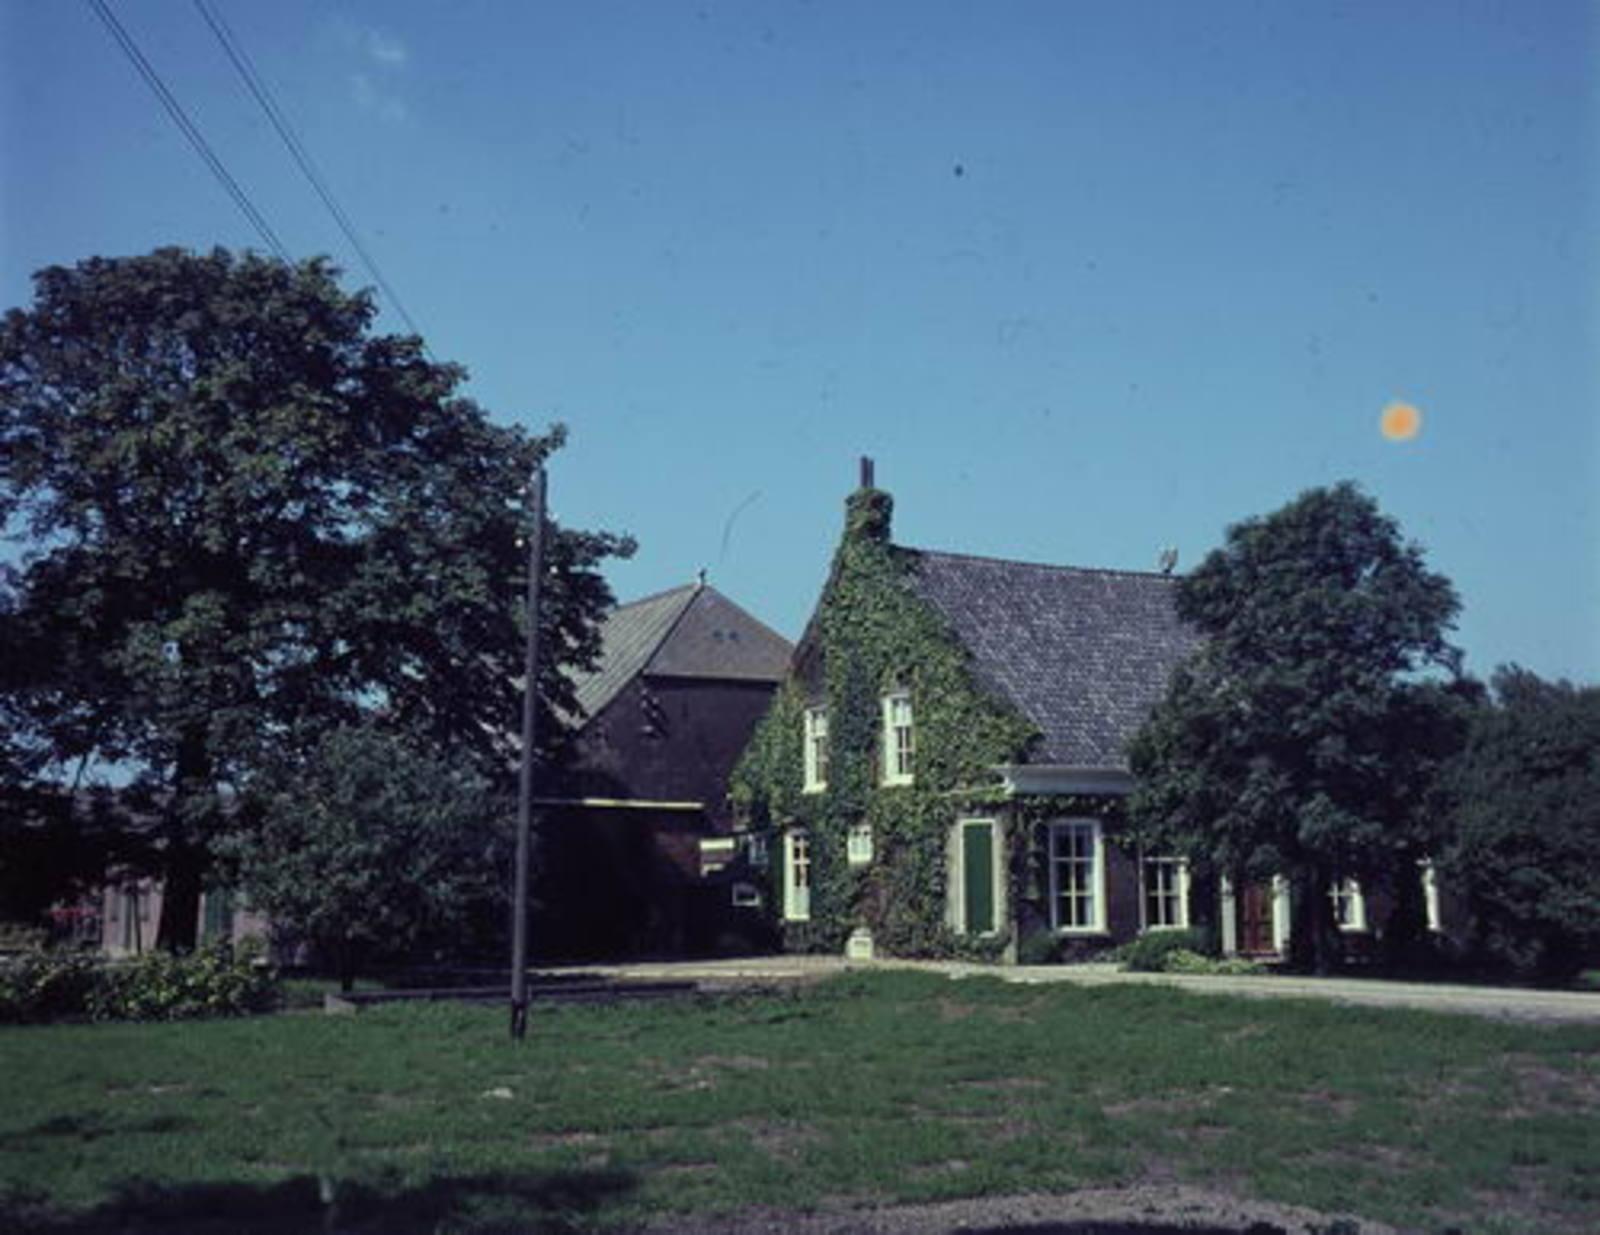 IJweg W 1129 19__ boerderij Huis De Dongen 02